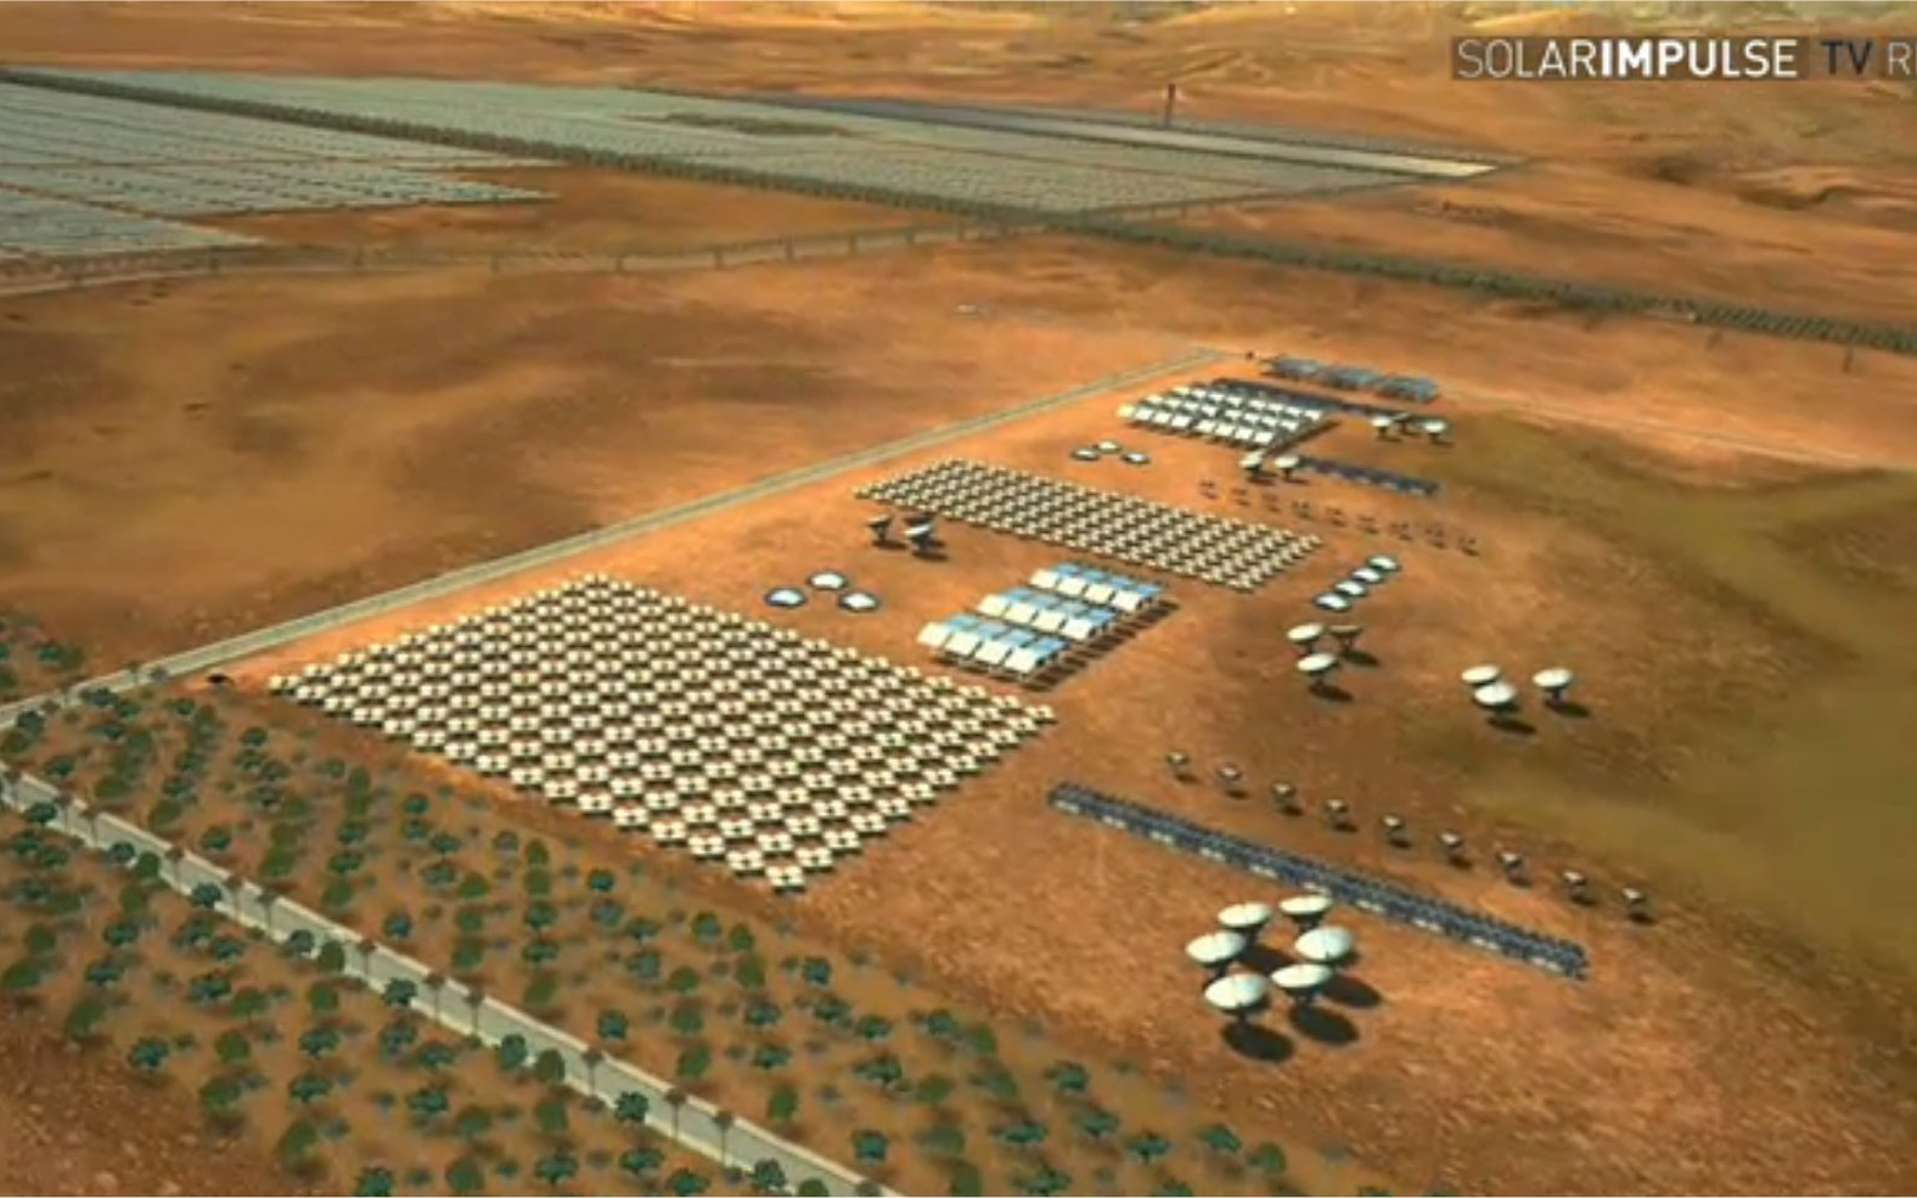 La centrale thermosolaire du projet Masen (ici une vue d'artiste), près de Ouarzazate, s'étalera sur 30 km2 et produira 100 à 125 MW dans un premier temps puis, à terme, 500 MW. © Solar Impulse